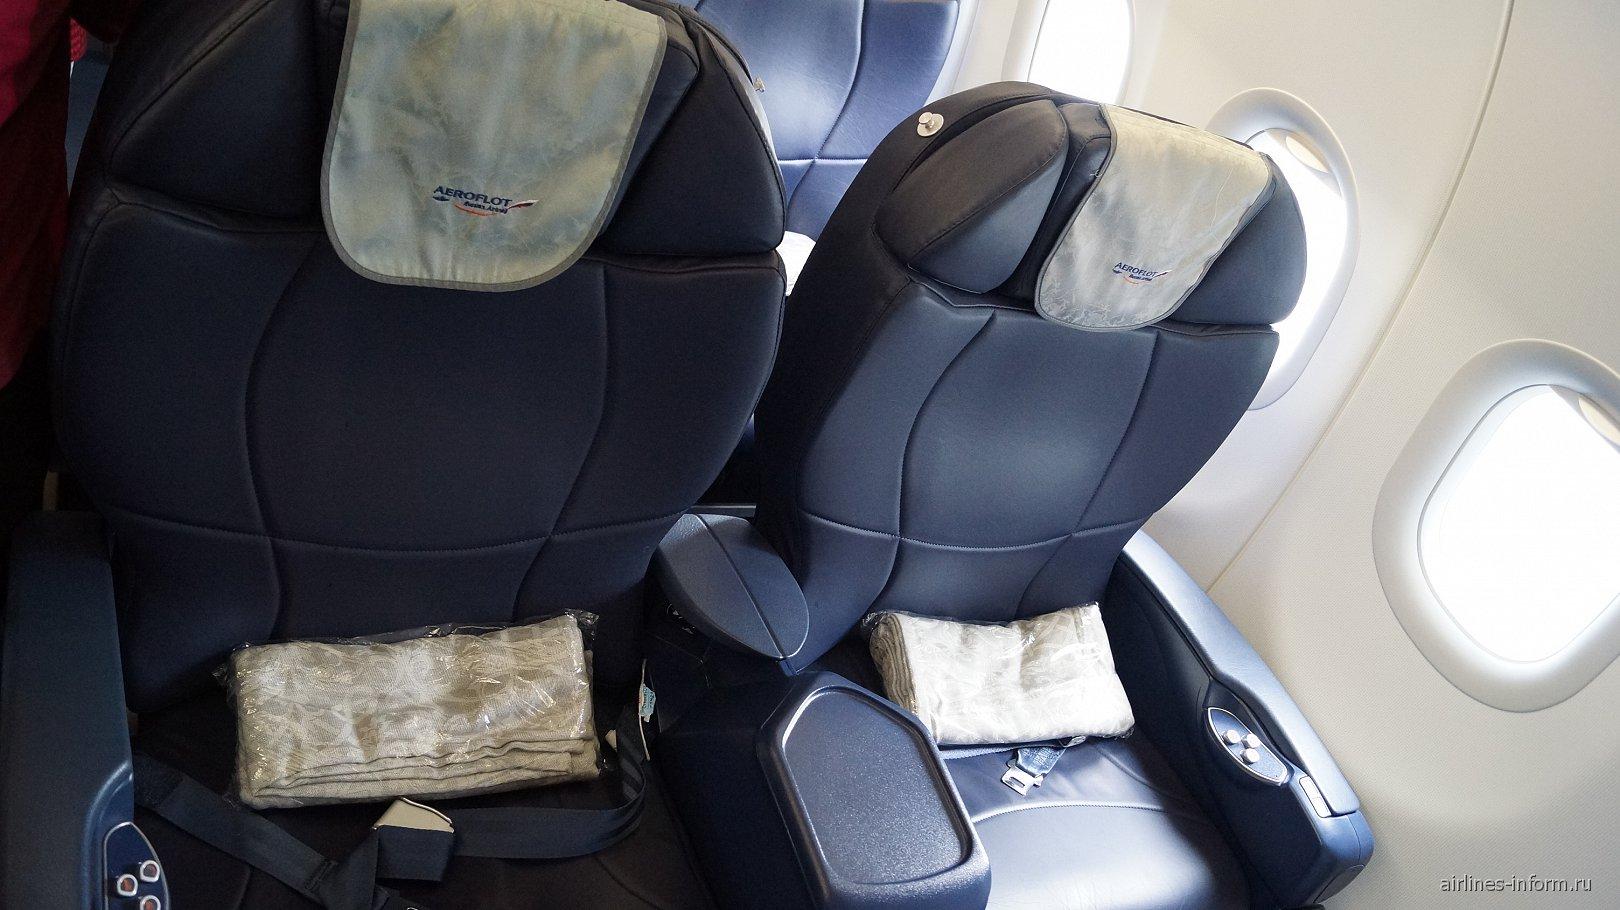 Кресла бизнес-класса в самолете Airbus A320 авиакомпании Аэрофлот